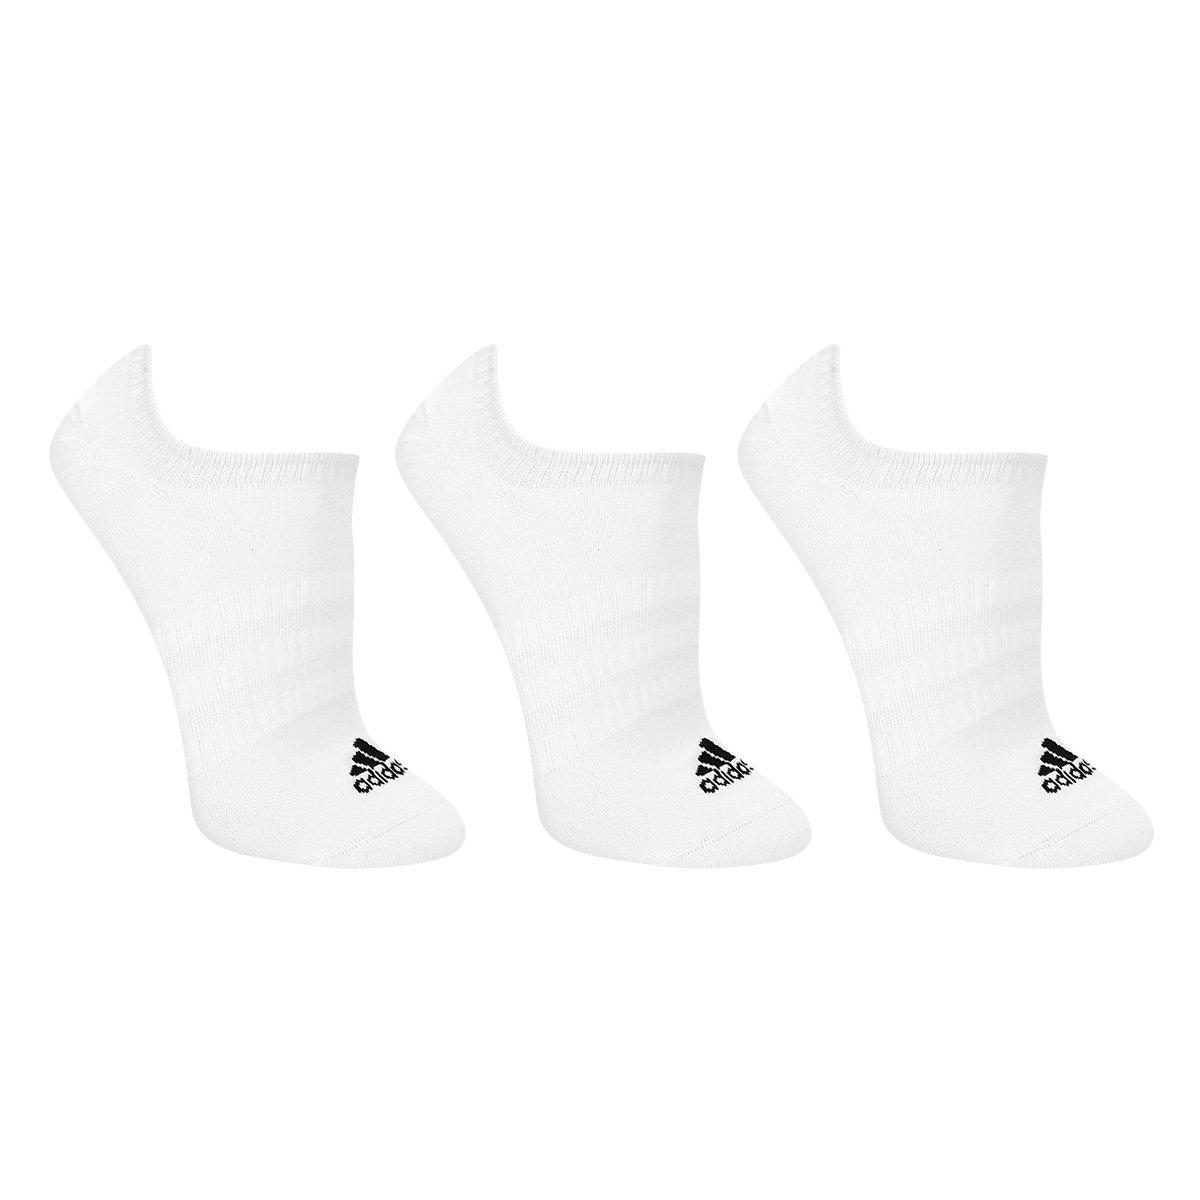 Meia Soquete Adidas Light Nosh c/ 3 Pares - Tam: 39/42